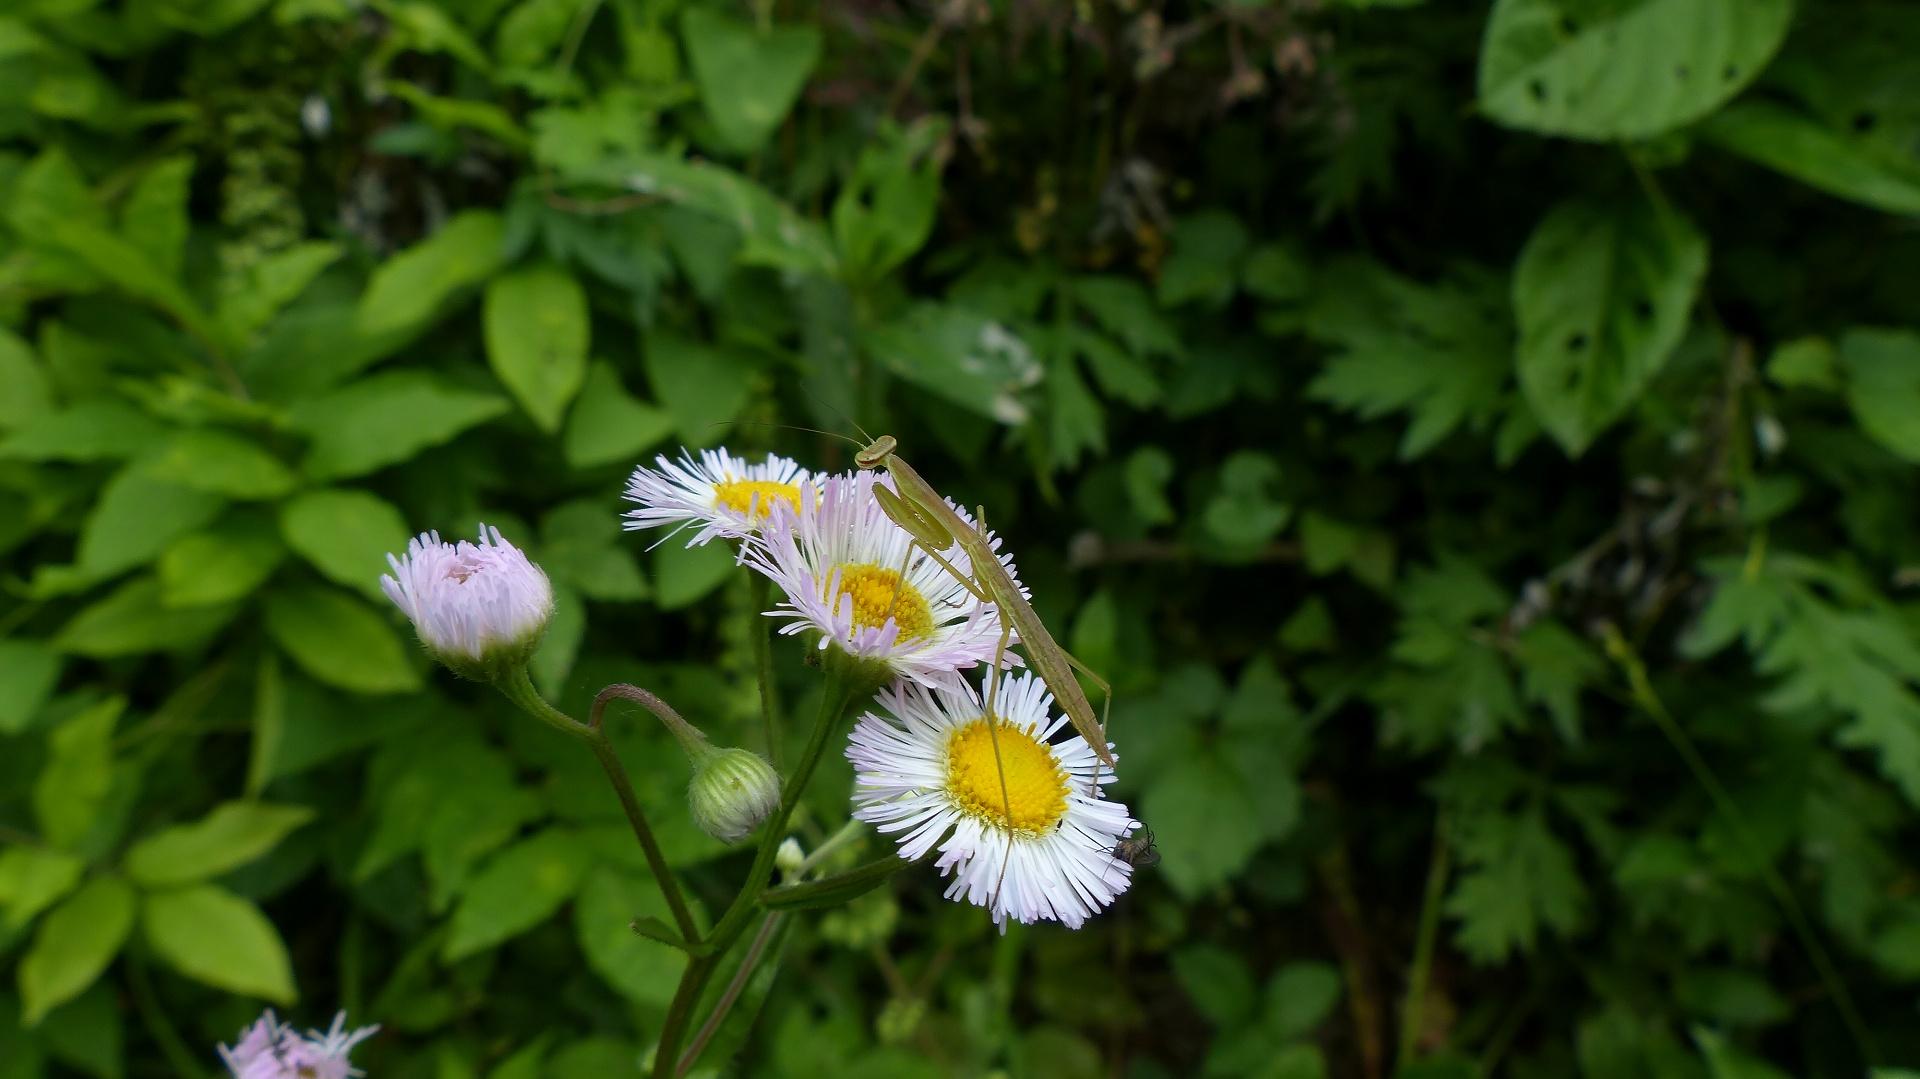 昆虫の森シリーズ 蟷螂(とうろう)_a0185081_1236456.jpg